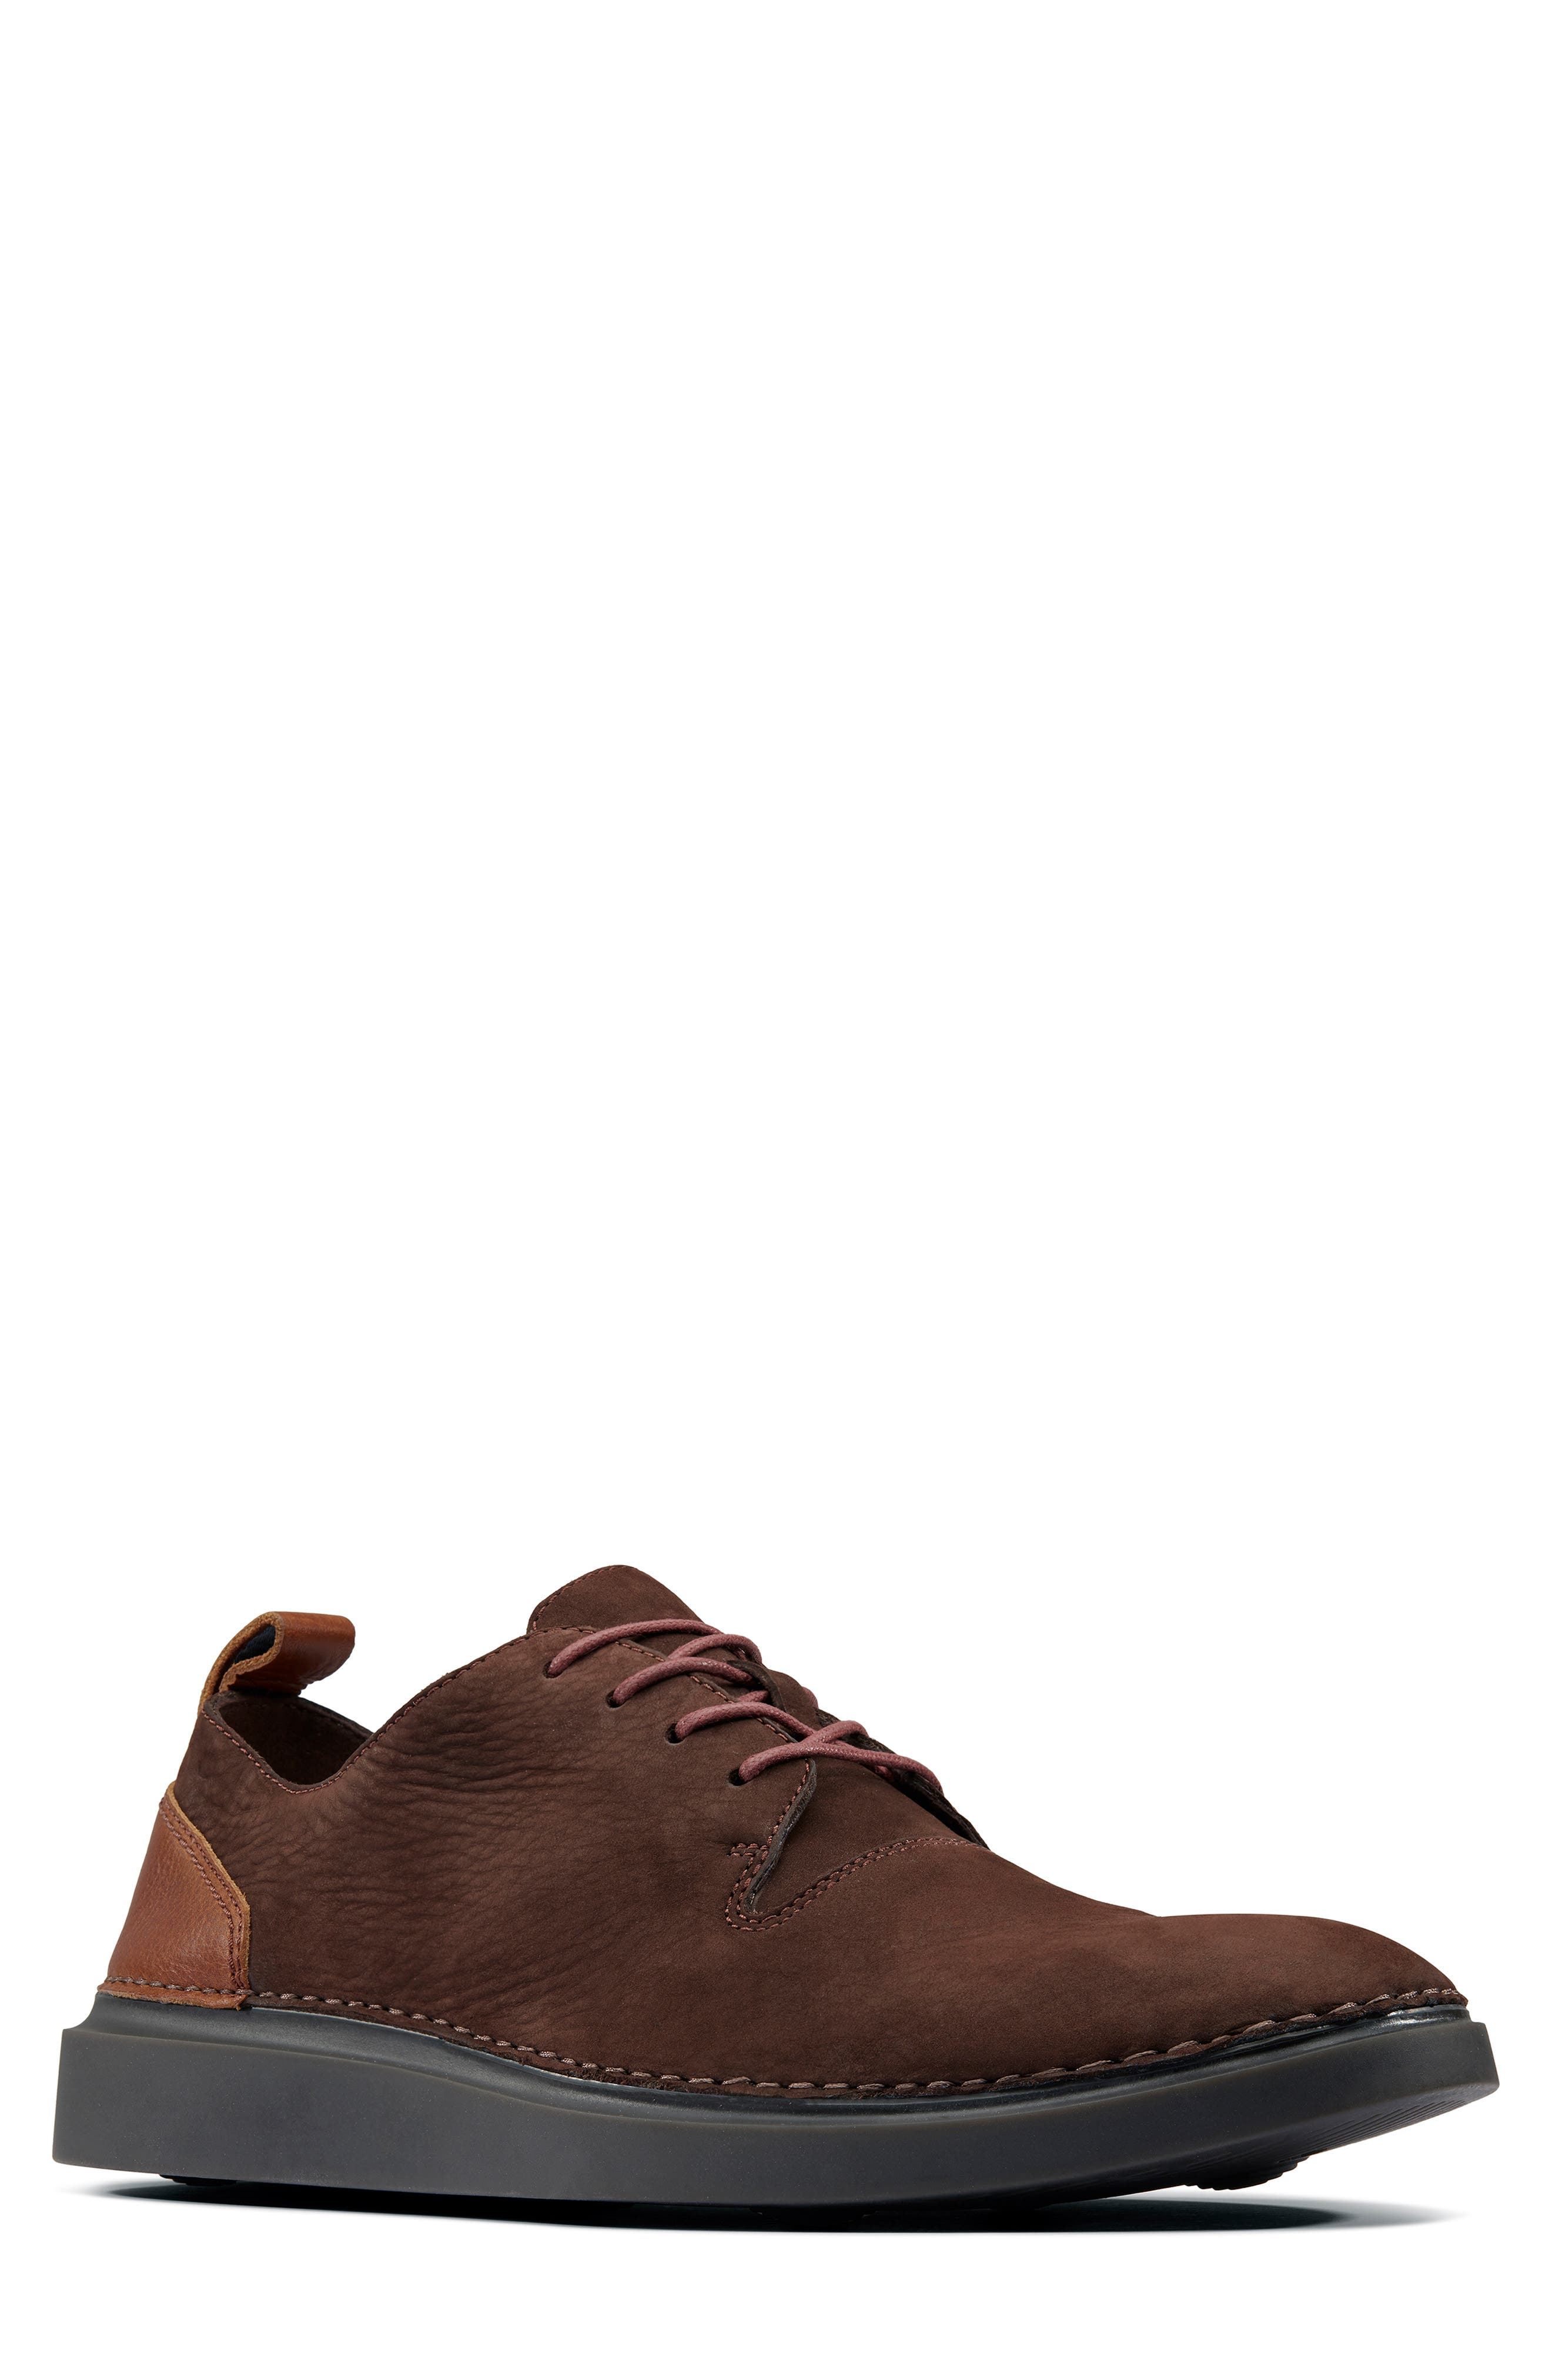 Hale Lace Plain Toe Derby, Main, color, DARK BROWN LEATHER